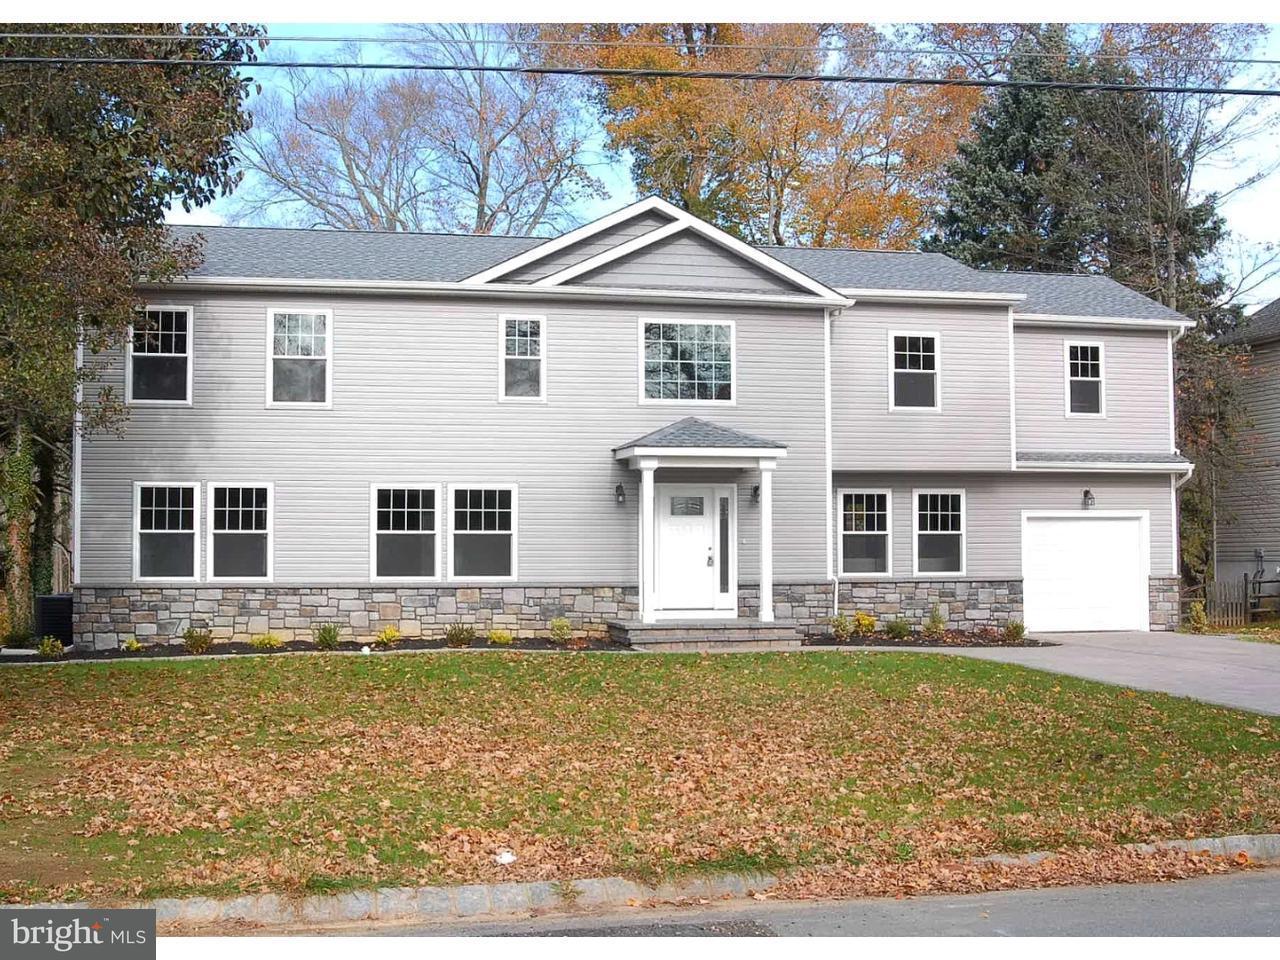 Casa Unifamiliar por un Venta en 12 JEFFERS Road Plainsboro, Nueva Jersey 08536 Estados UnidosEn/Alrededor: Plainsboro Township